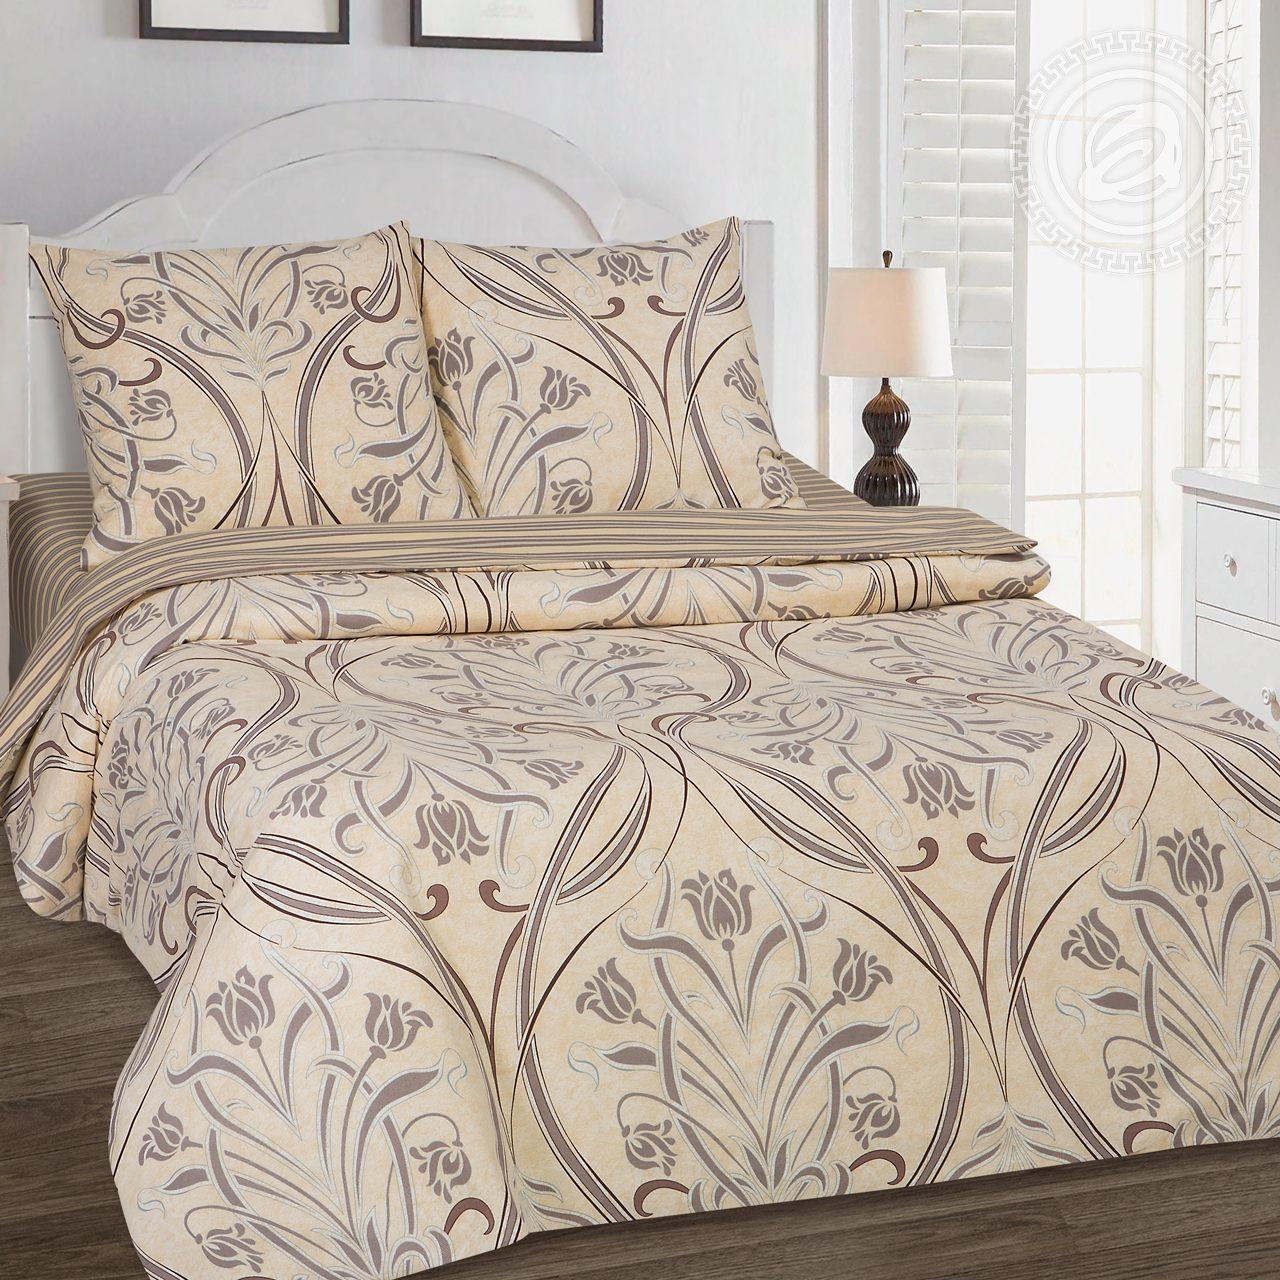 """Постельное белье """"Варьете"""" (поплин) (1,5 спальный) постельное белье экзотика 555 комплект 2 спальный поплин"""